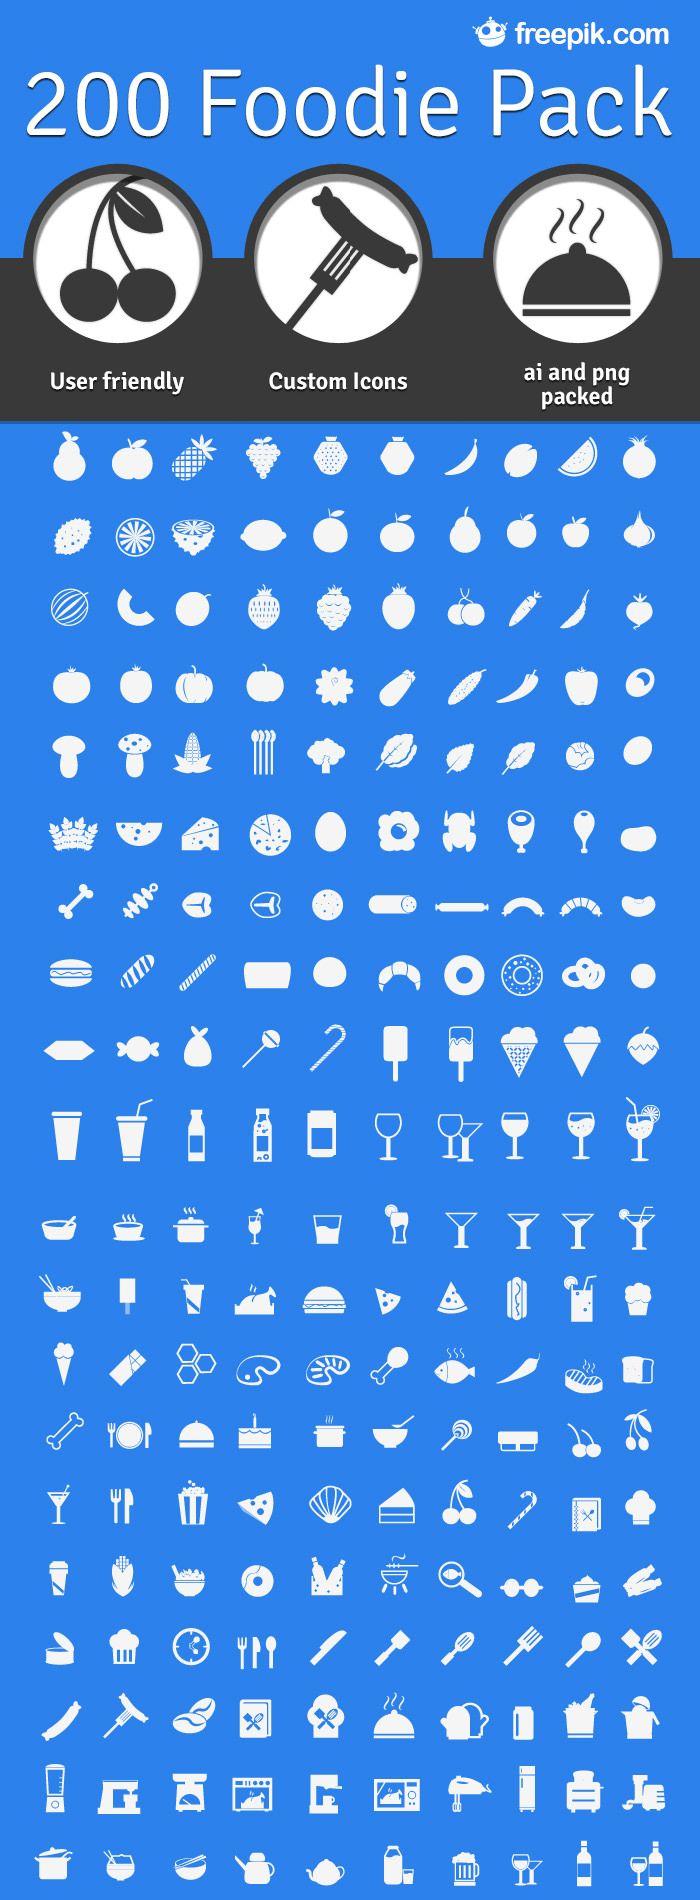 200 Foodie Pack Icon Set - Smashing Magazine